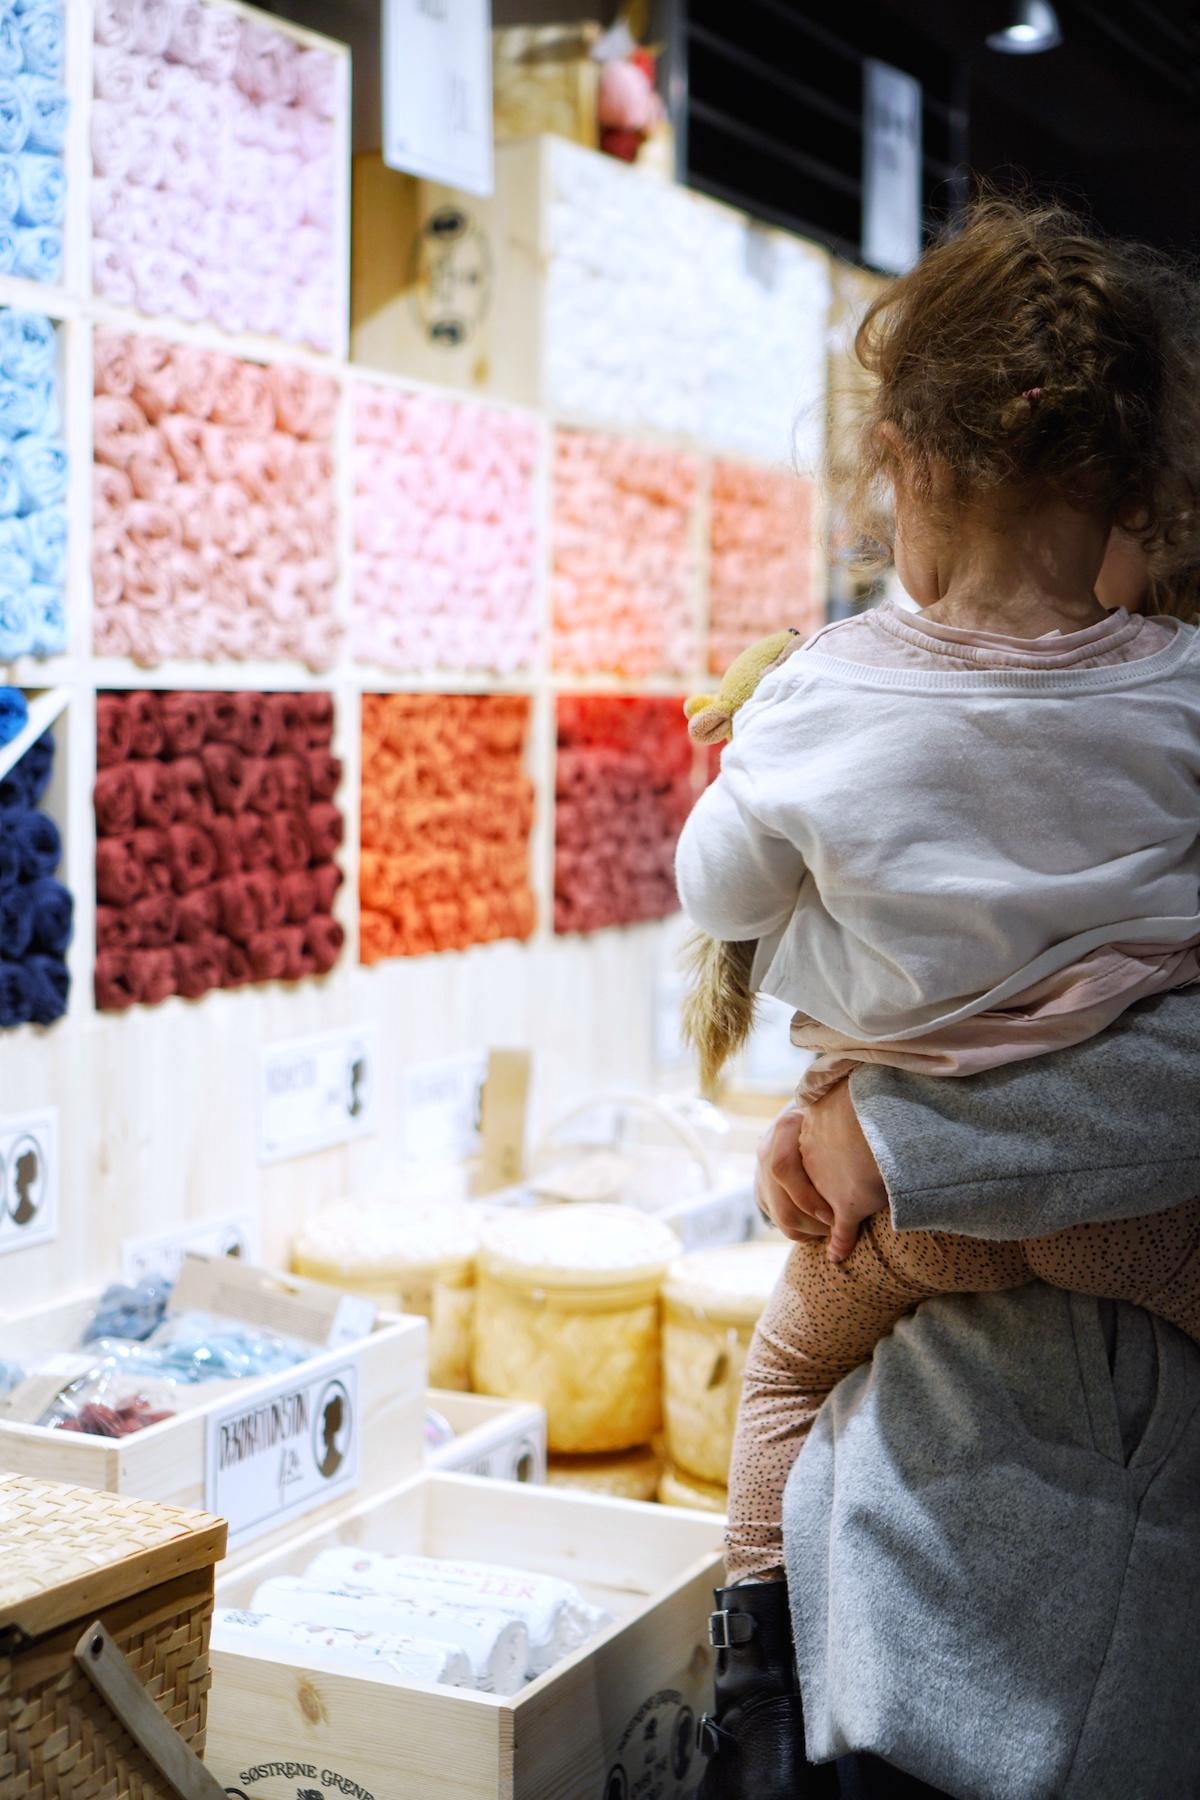 Søstrene Grene in München & jetzt auch Kinderzimmereinrichtung Minnie schaut sich die Wolle an